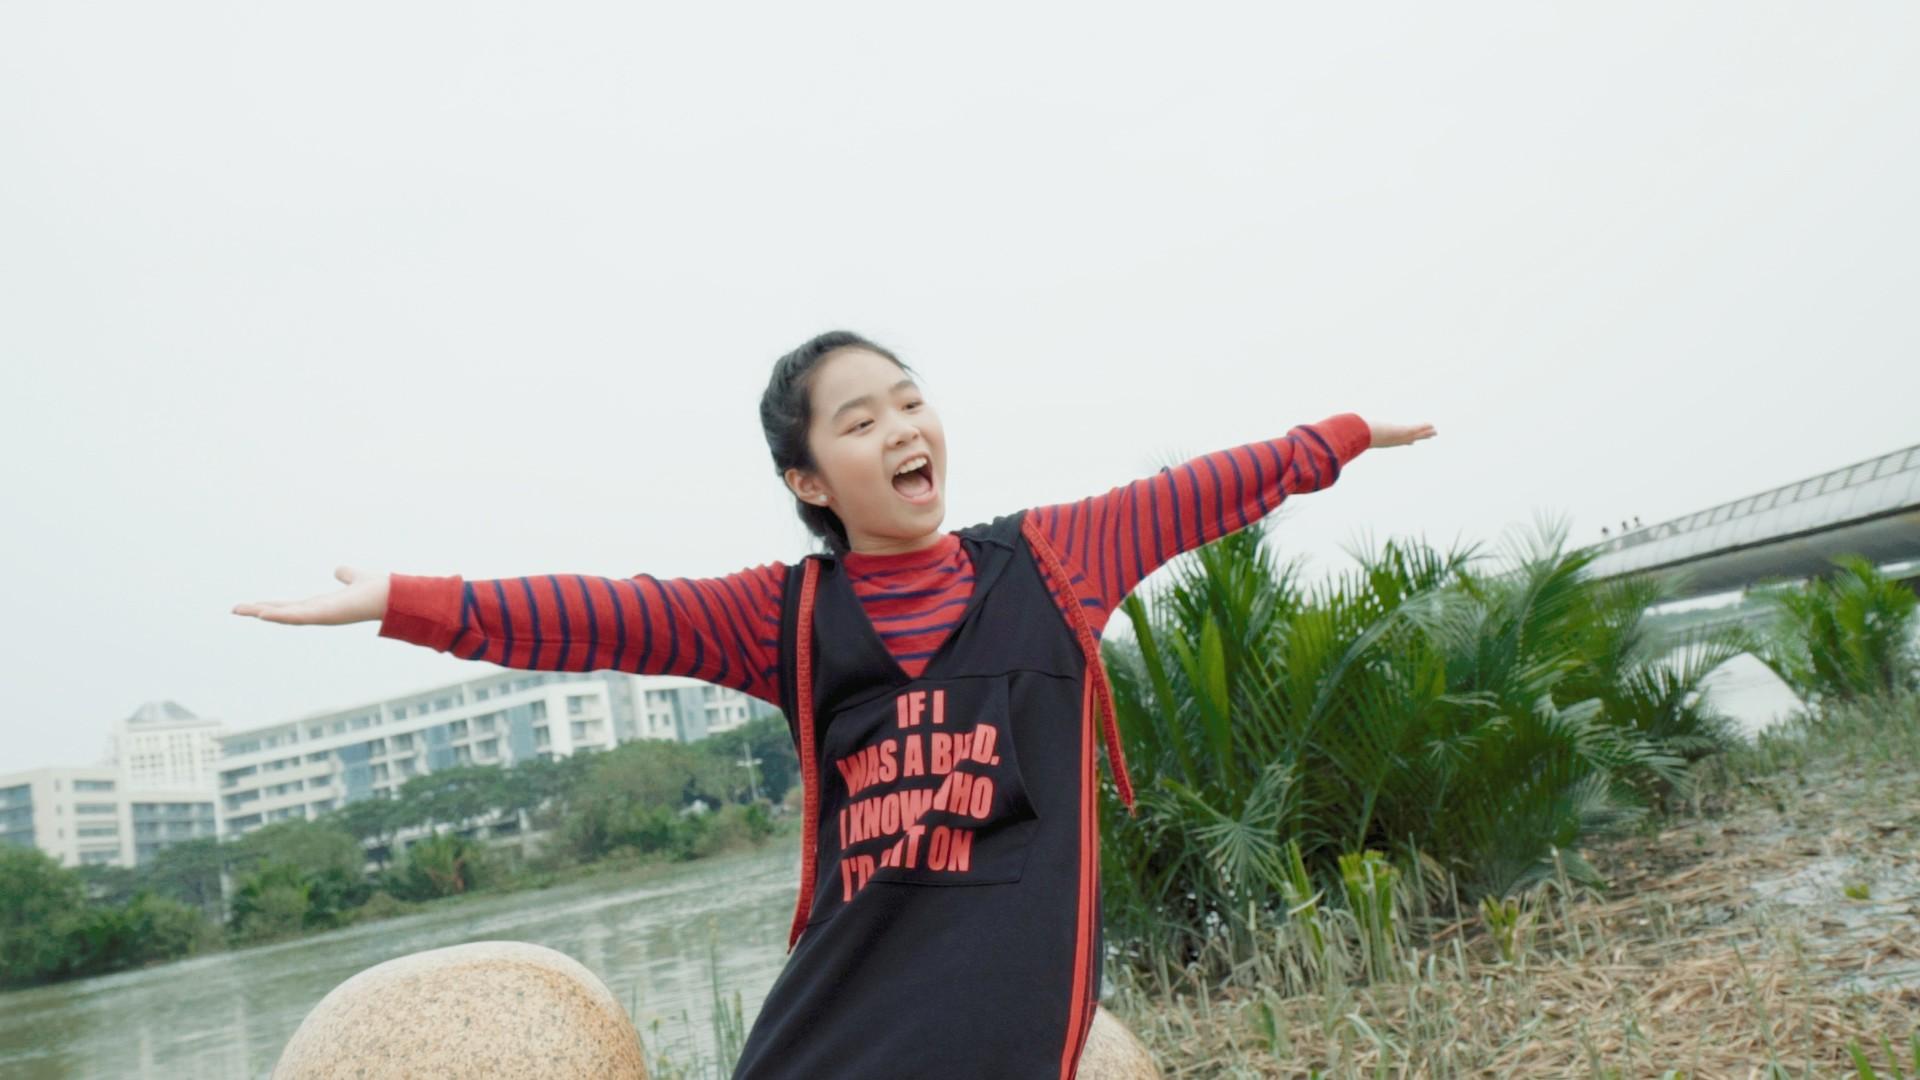 Phương Uyên, Thiều Bảo Trang, Vũ Thảo My quậy hết cỡ cùng trò nhí trong MV mang thông điệp tích cực về cuộc sống - Ảnh 7.